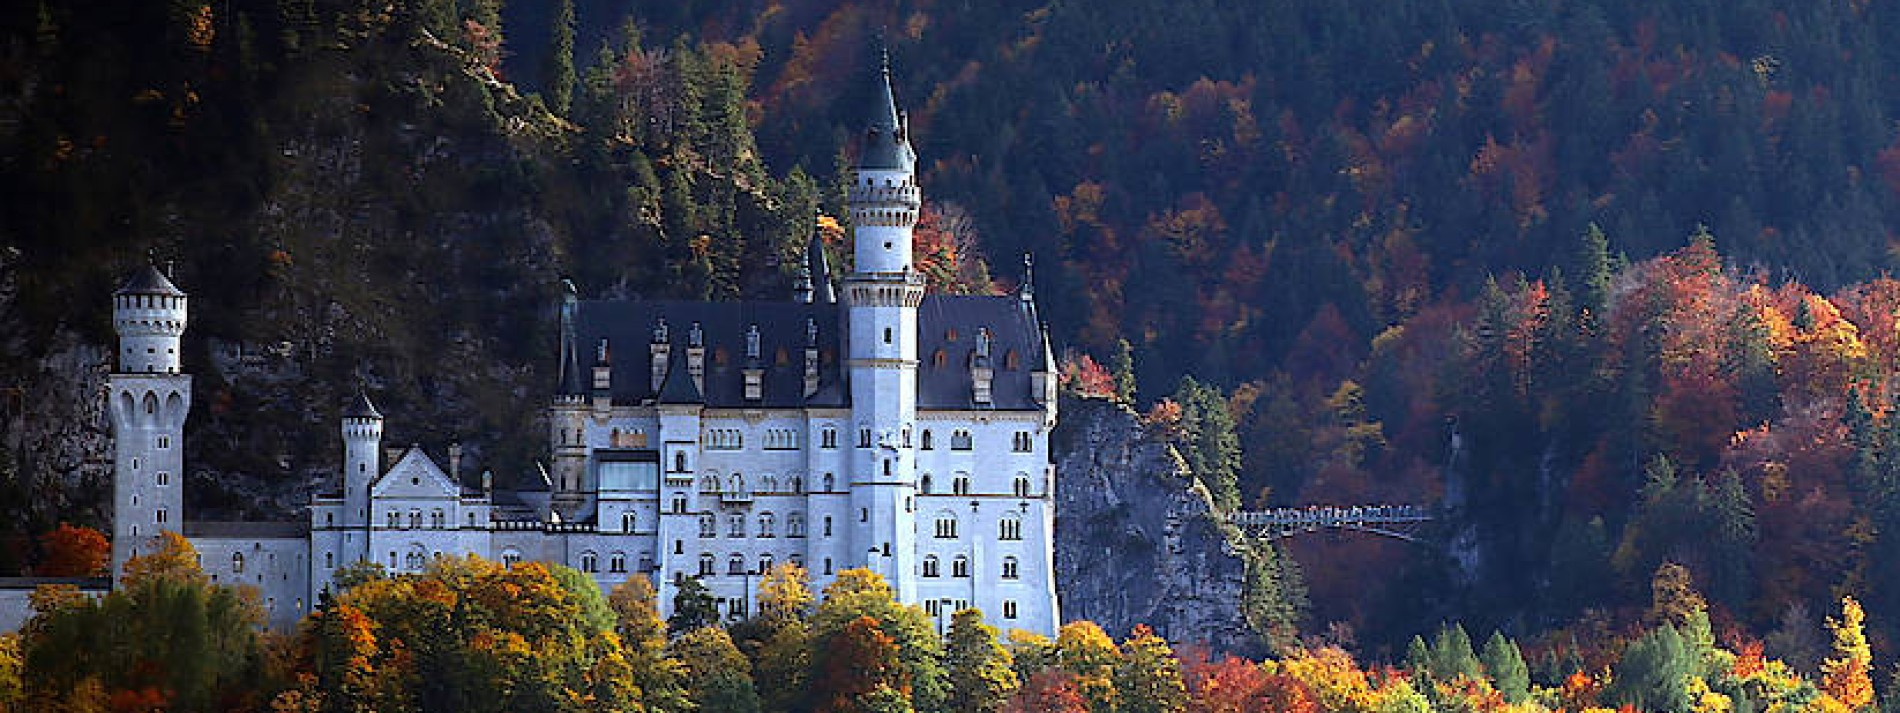 Schloss Neuschwanstein erstrahlt in neuem Licht